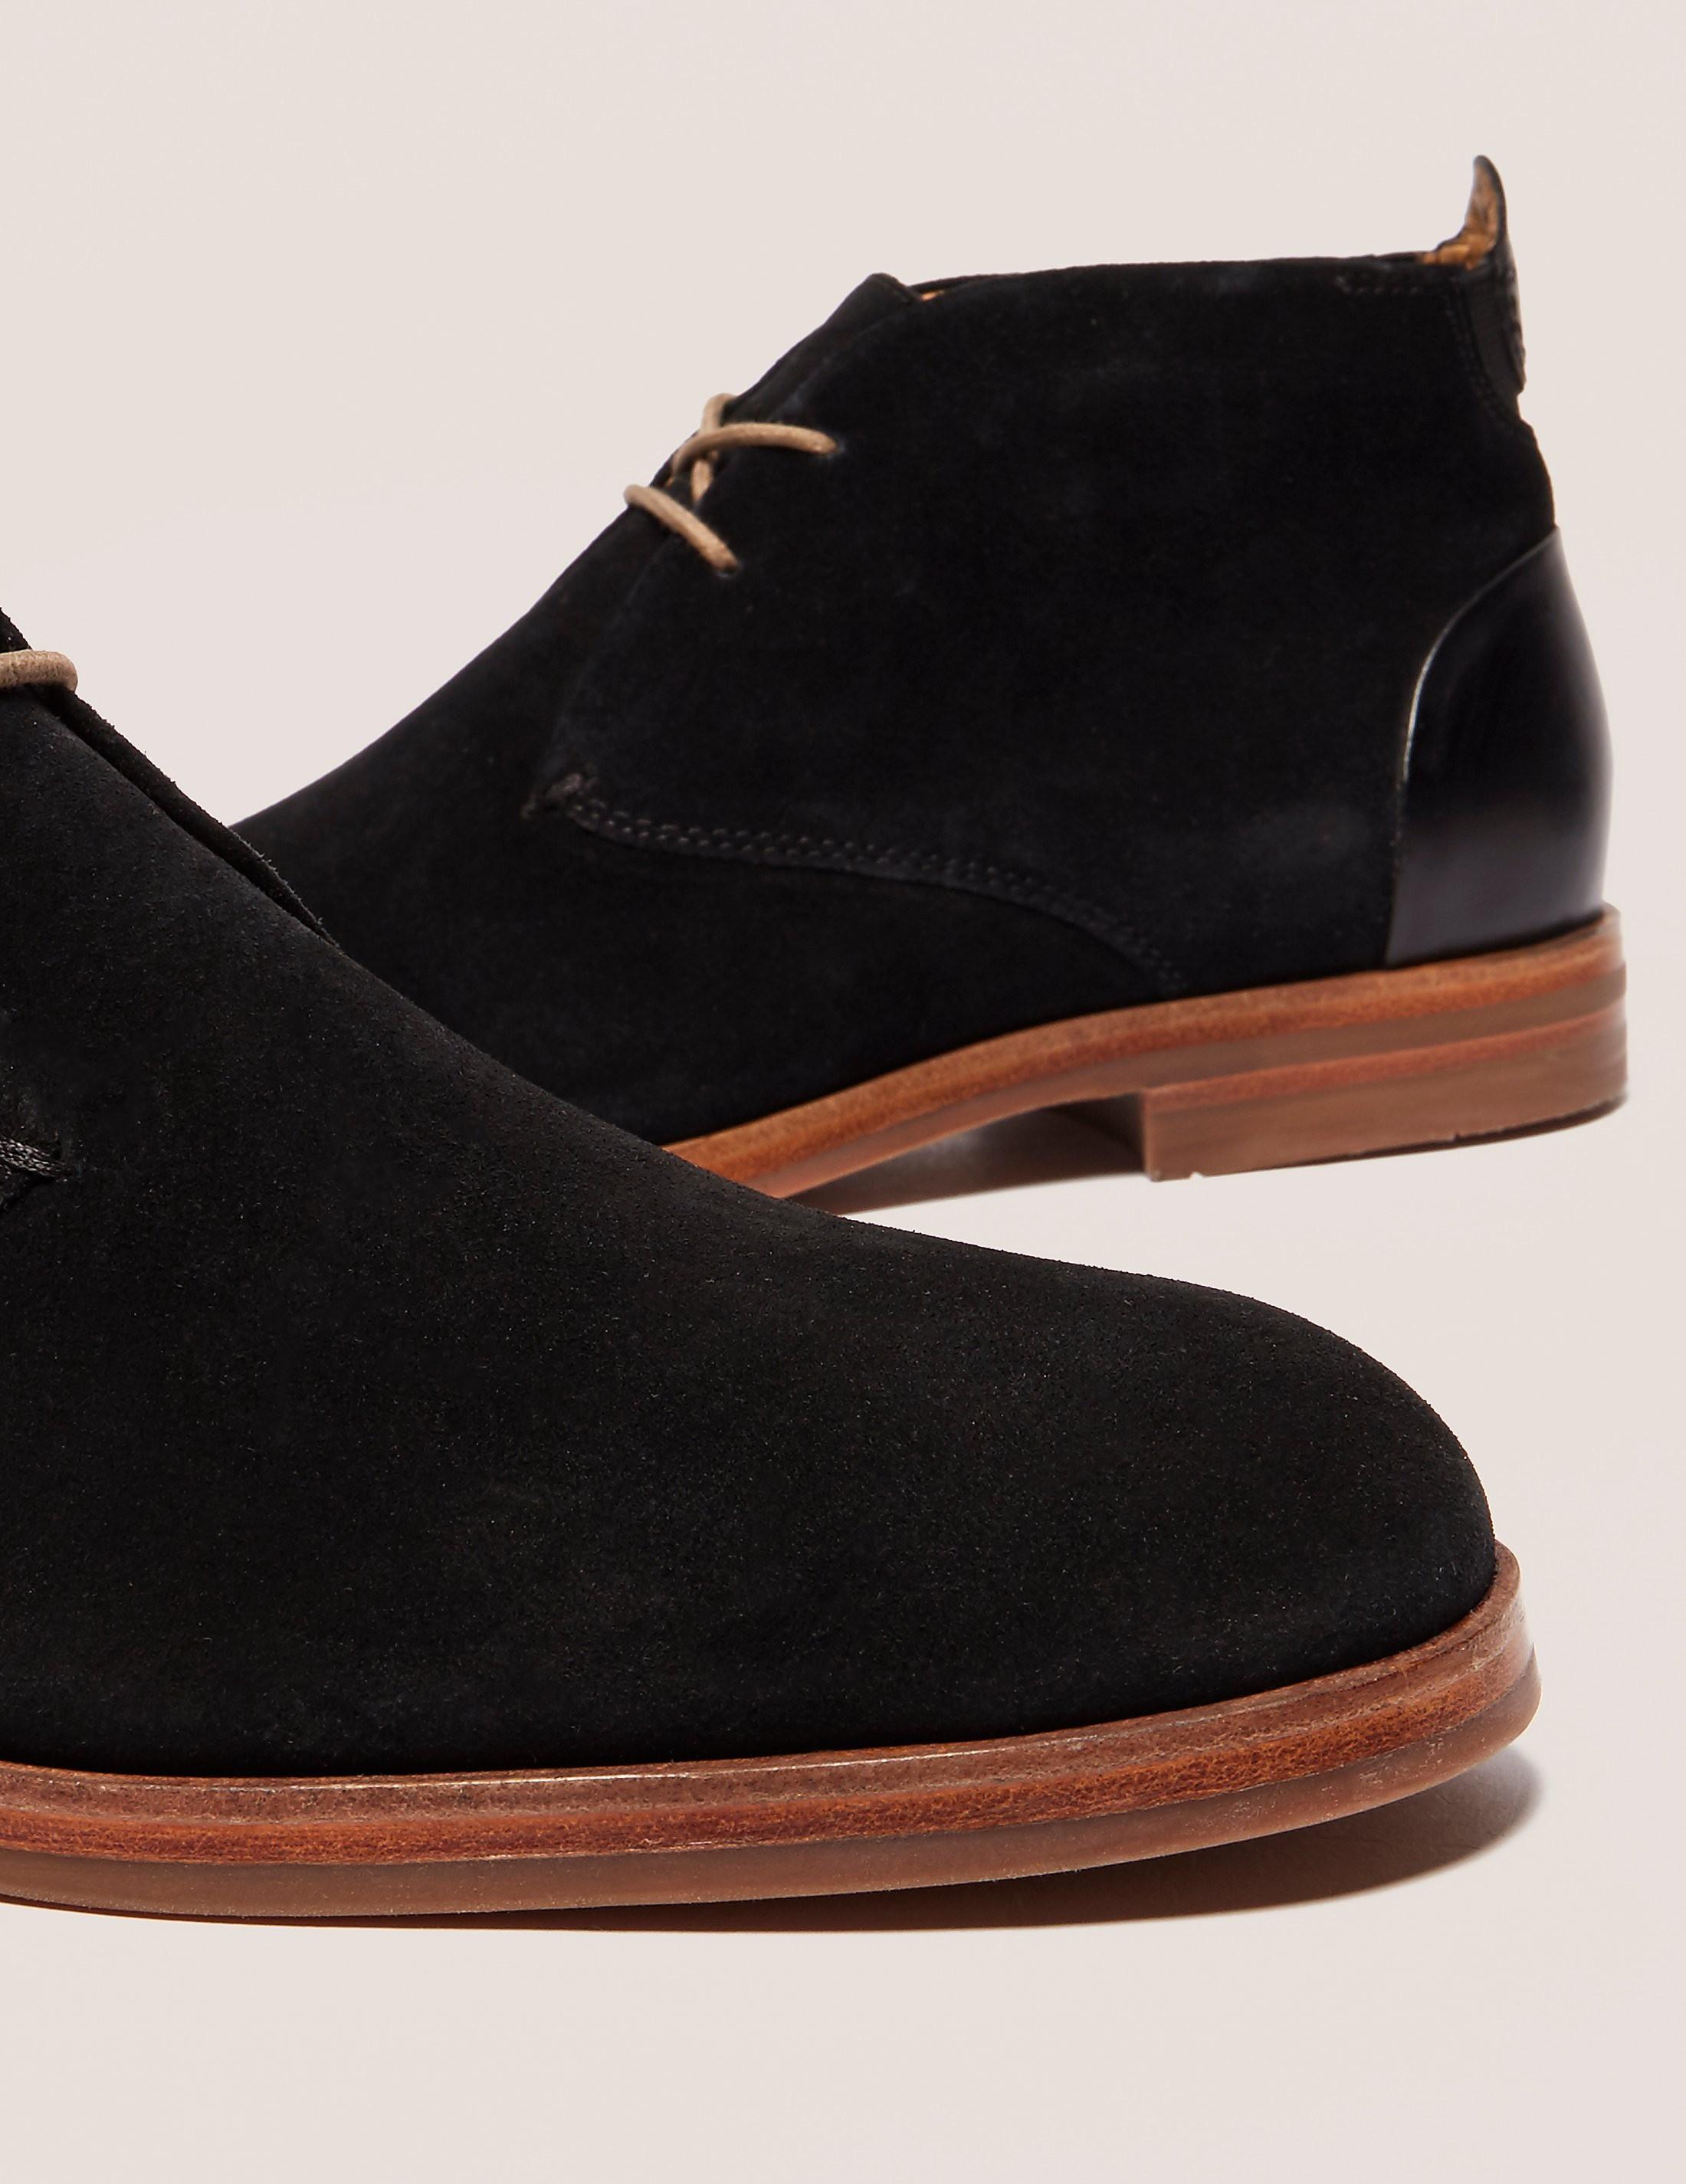 H by Hudson Matteo Boots